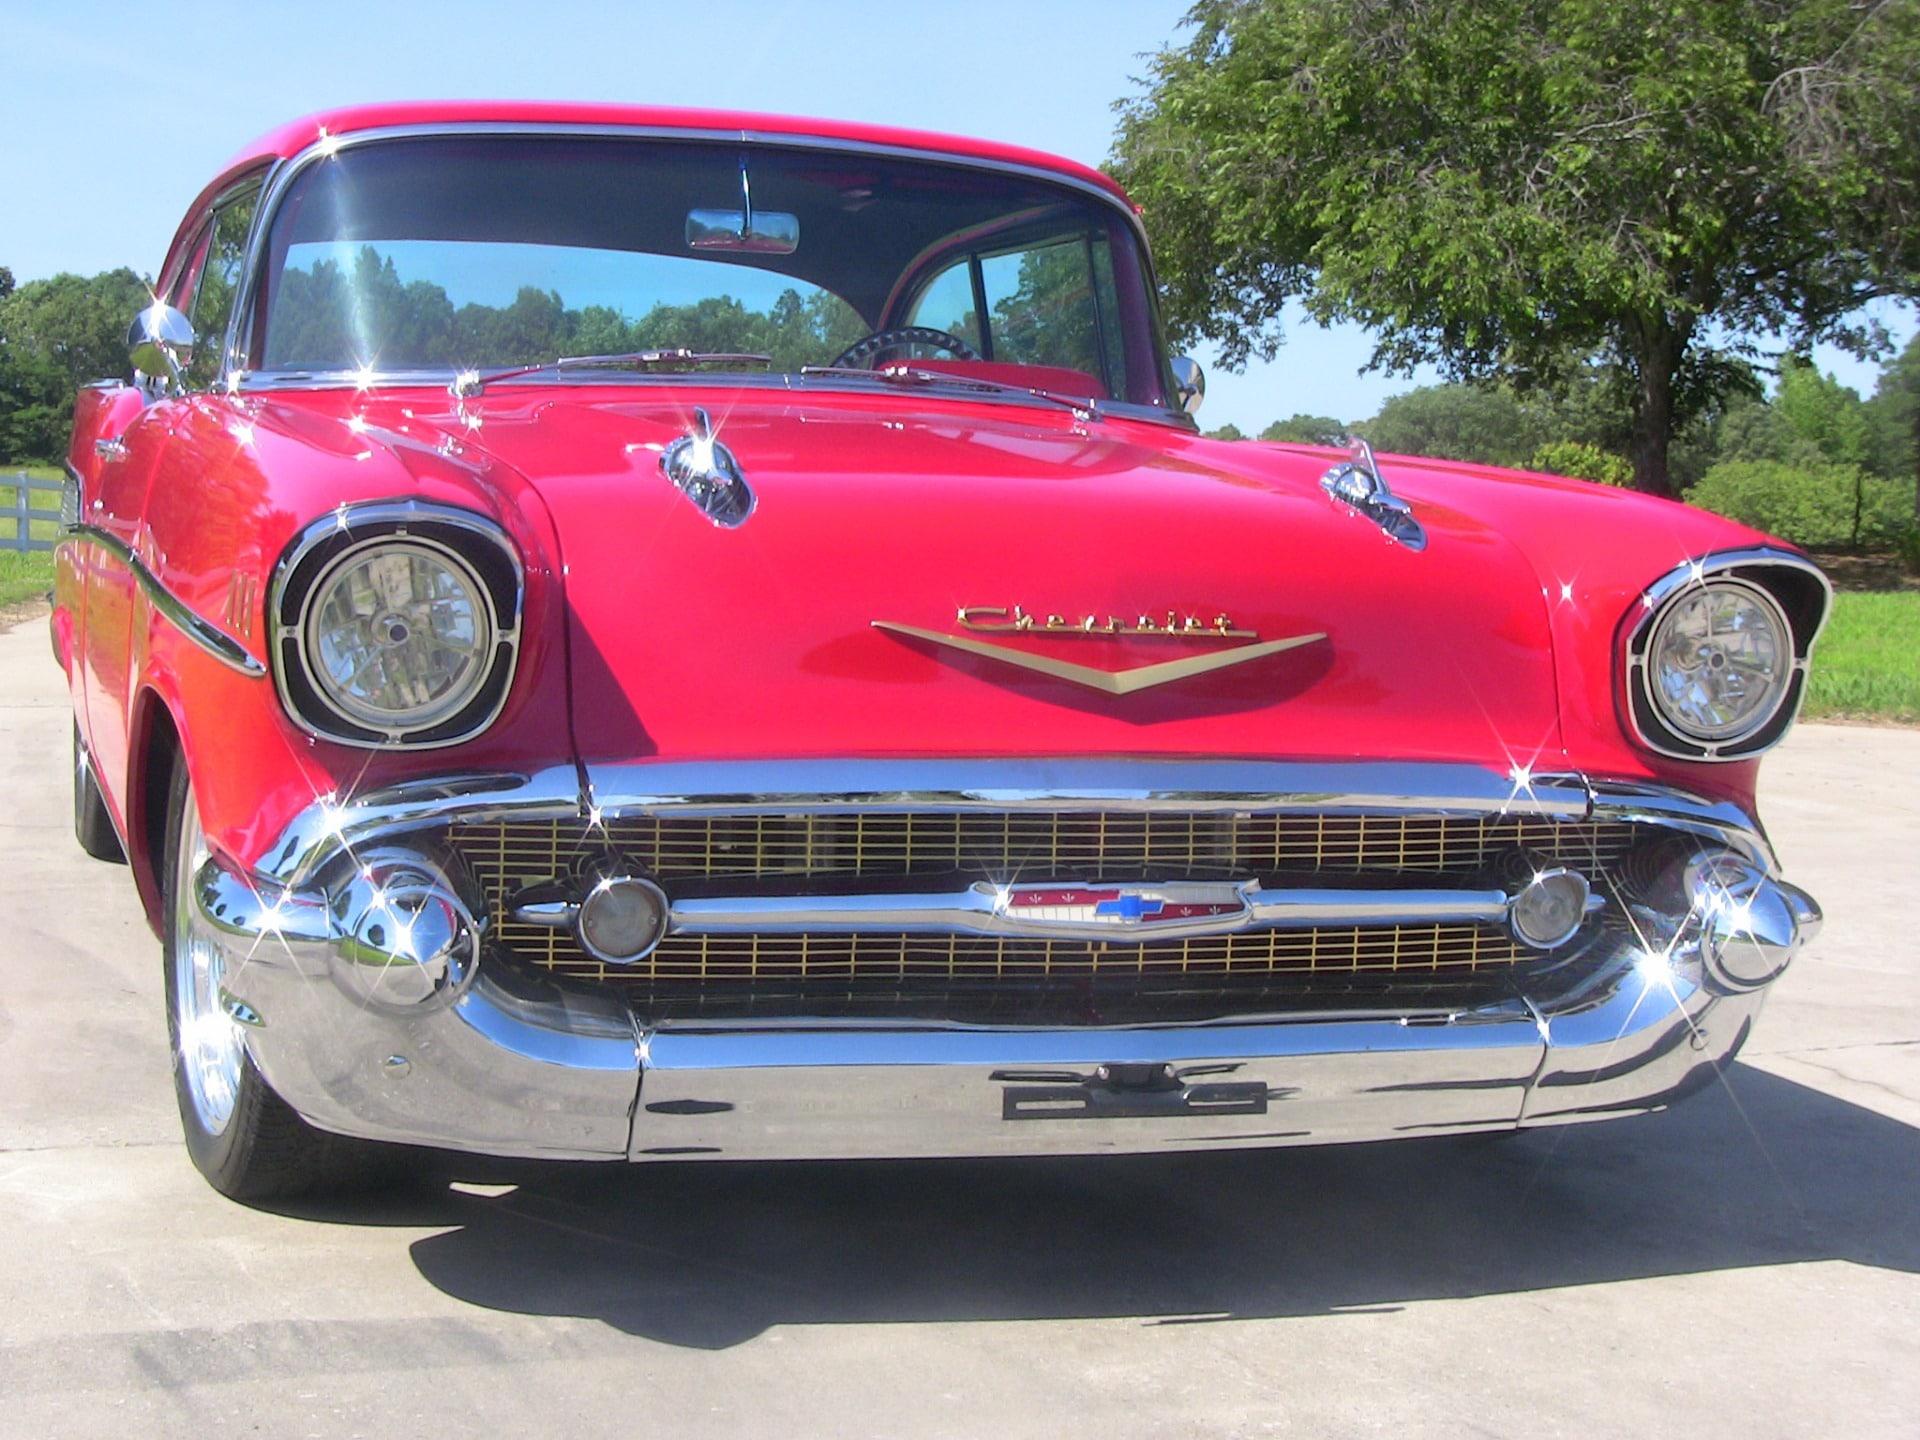 Used-1957-Chevrolet-Bel-Air (8)